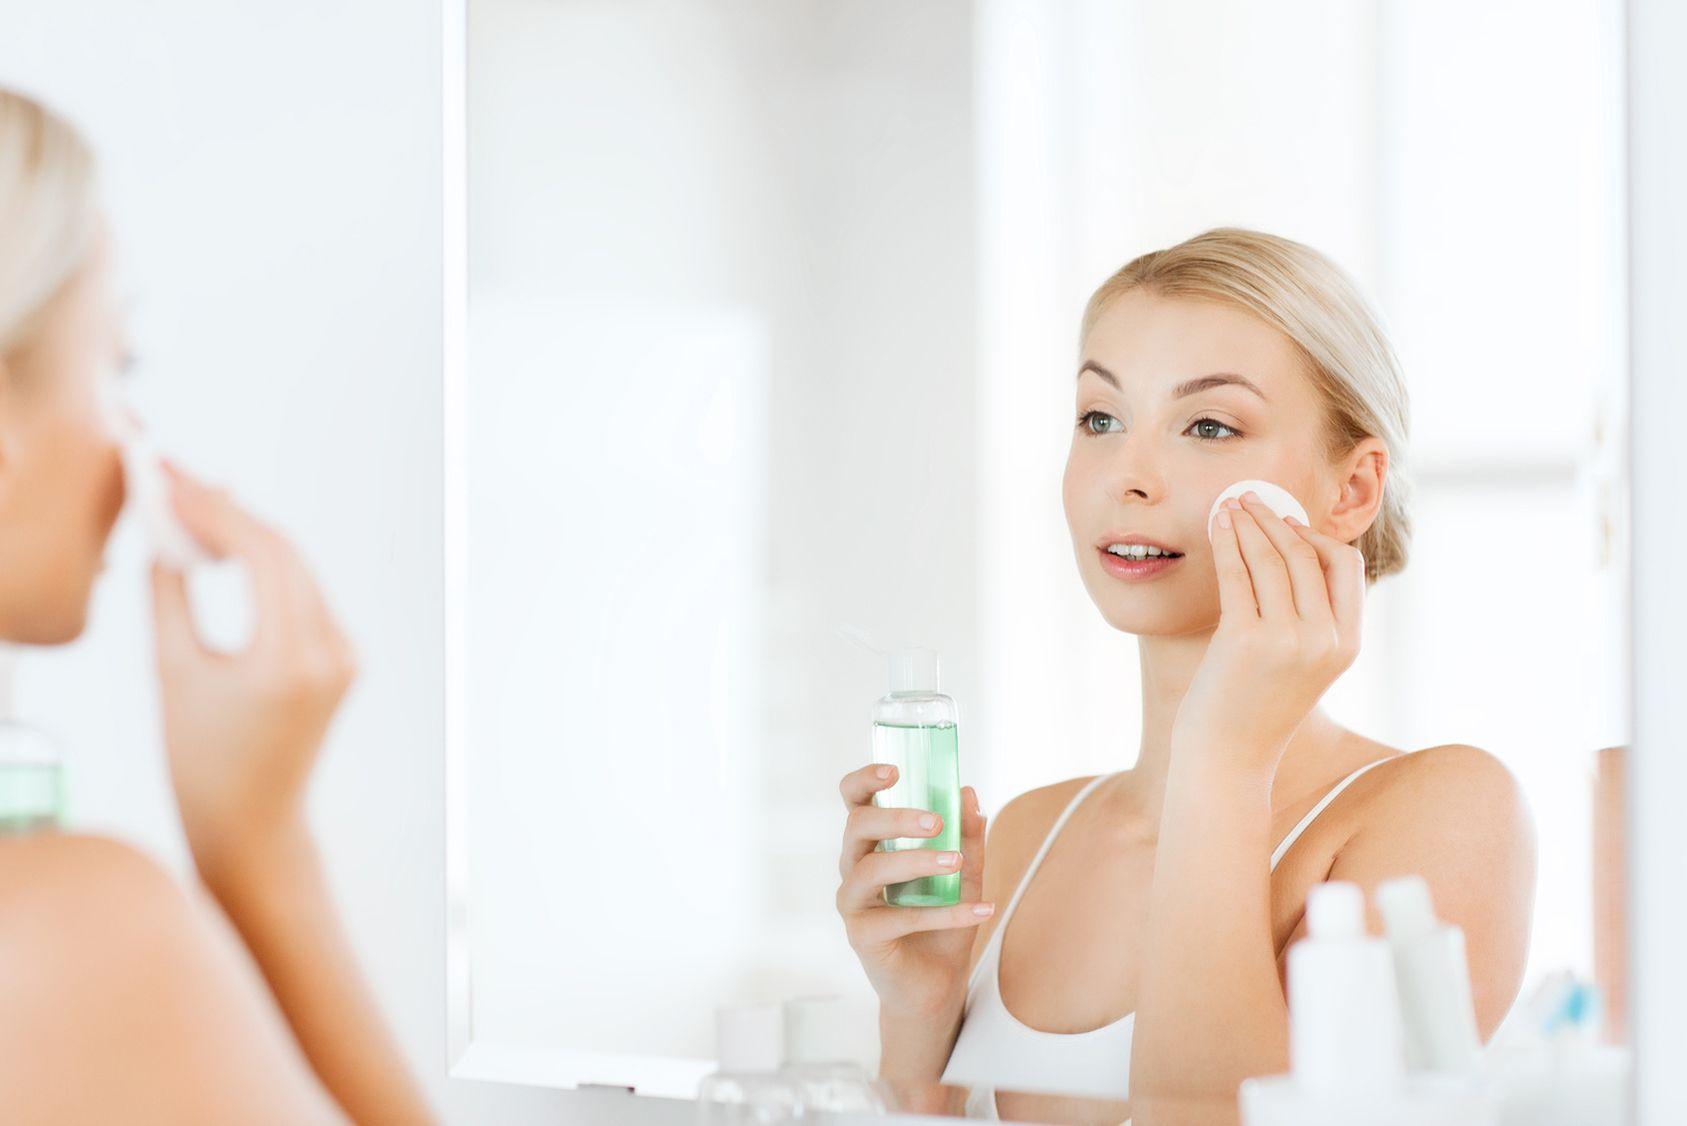 Plus de 140 produits cosmétiques contiennent des substances dangereuses